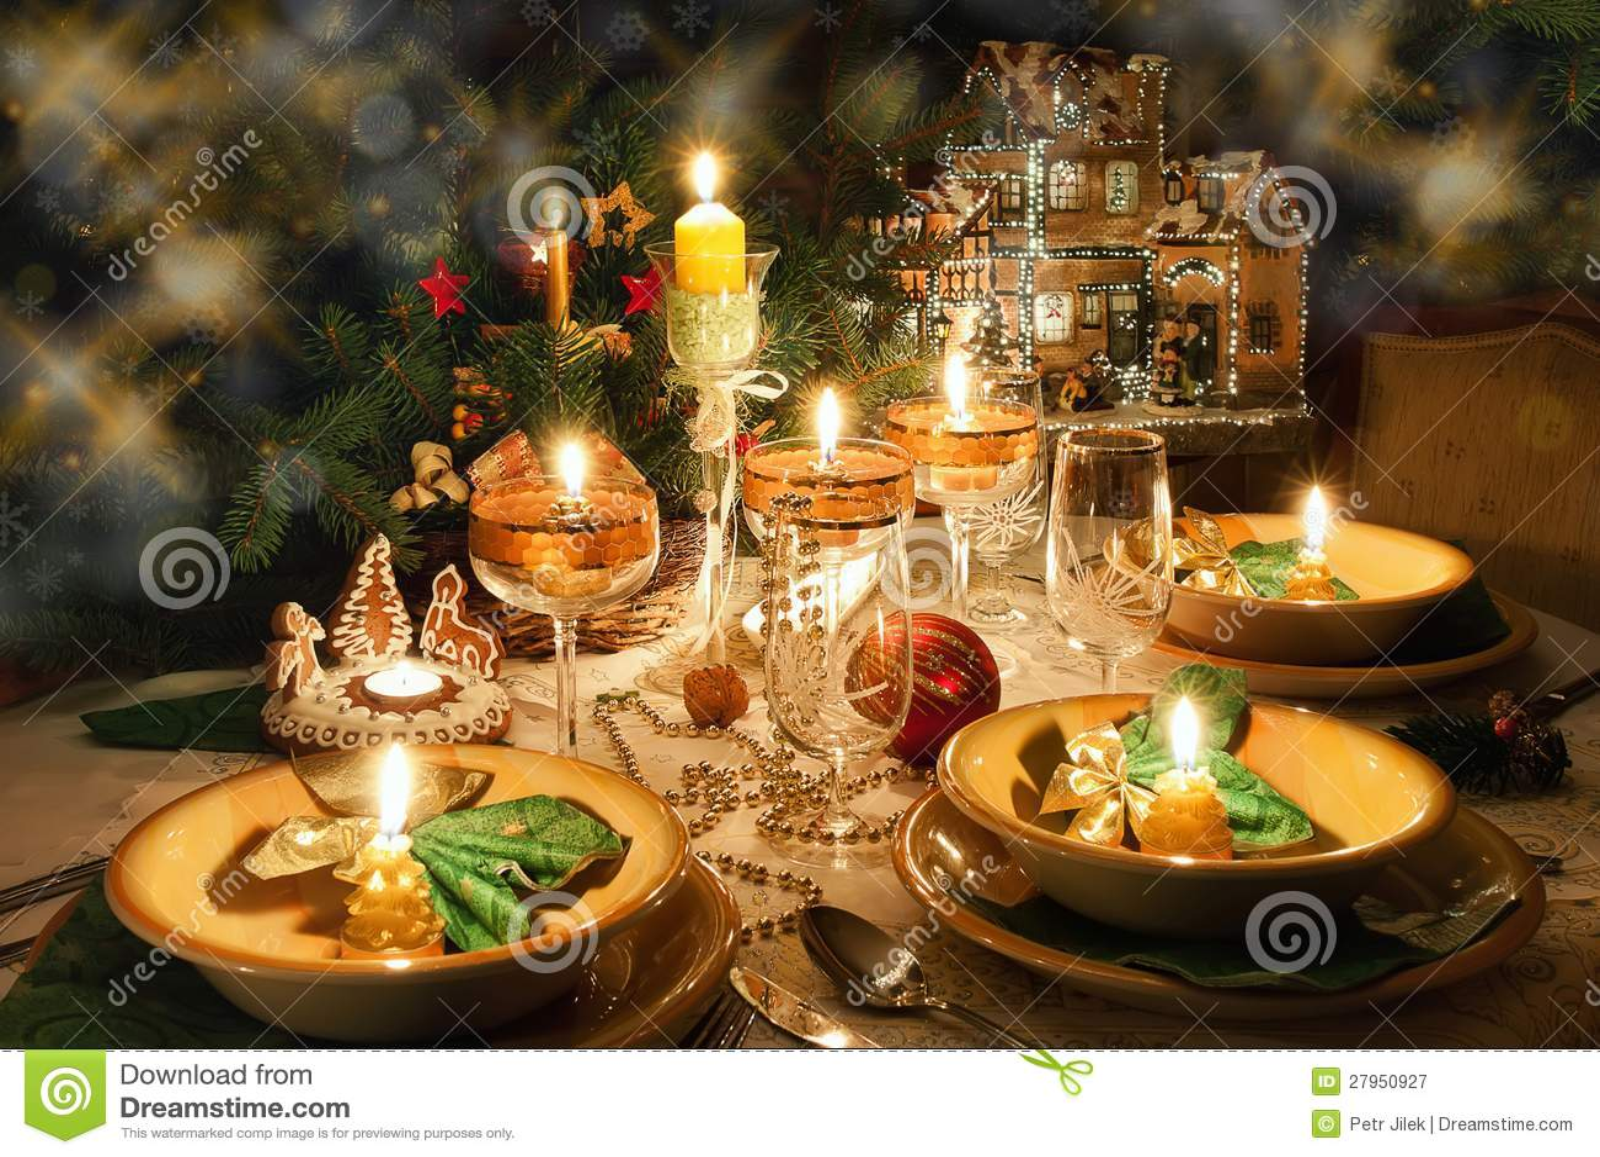 weihnachtsabendtisch mit weihnachtsstimmung stockbild. Black Bedroom Furniture Sets. Home Design Ideas